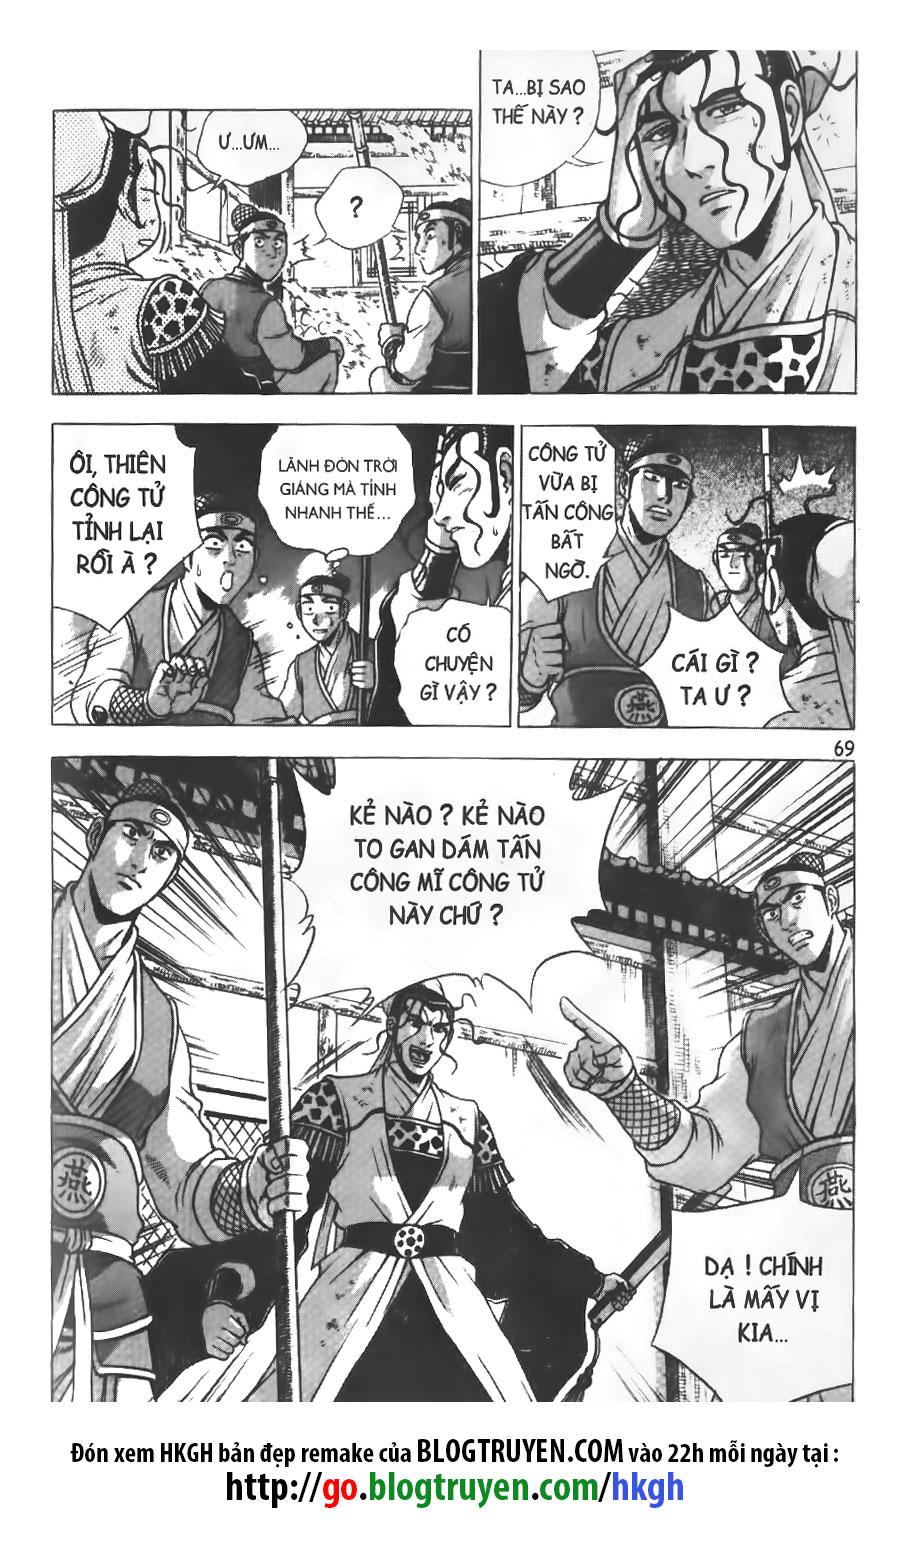 xem truyen moi - Hiệp Khách Giang Hồ Vol36 - Chap 245 - Remake